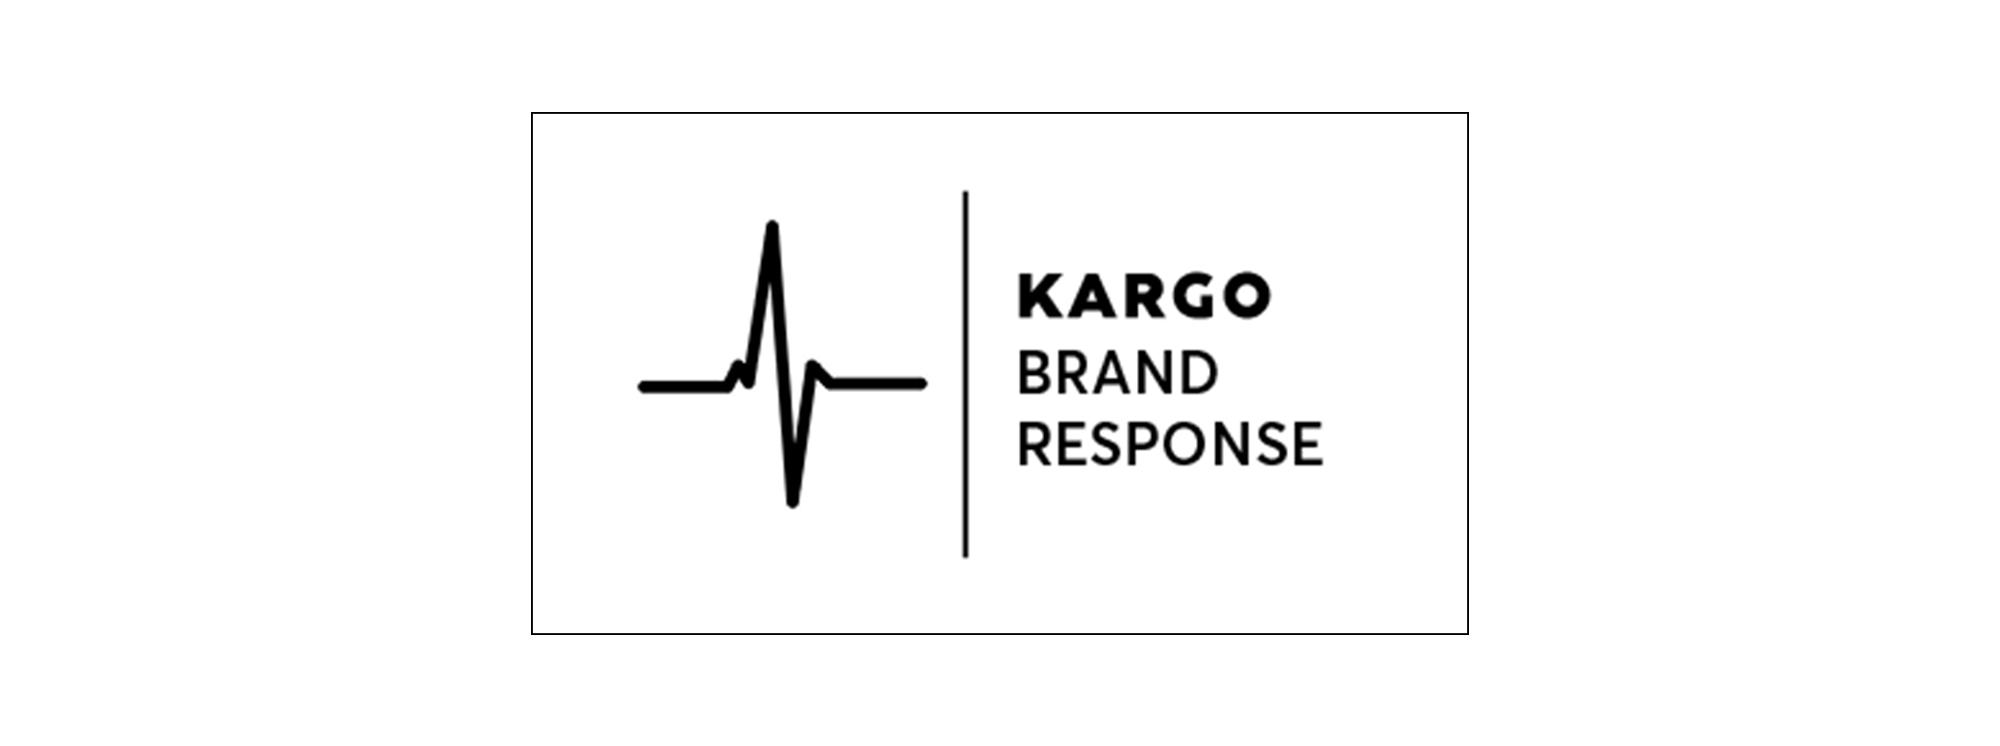 Kargo Brand Response